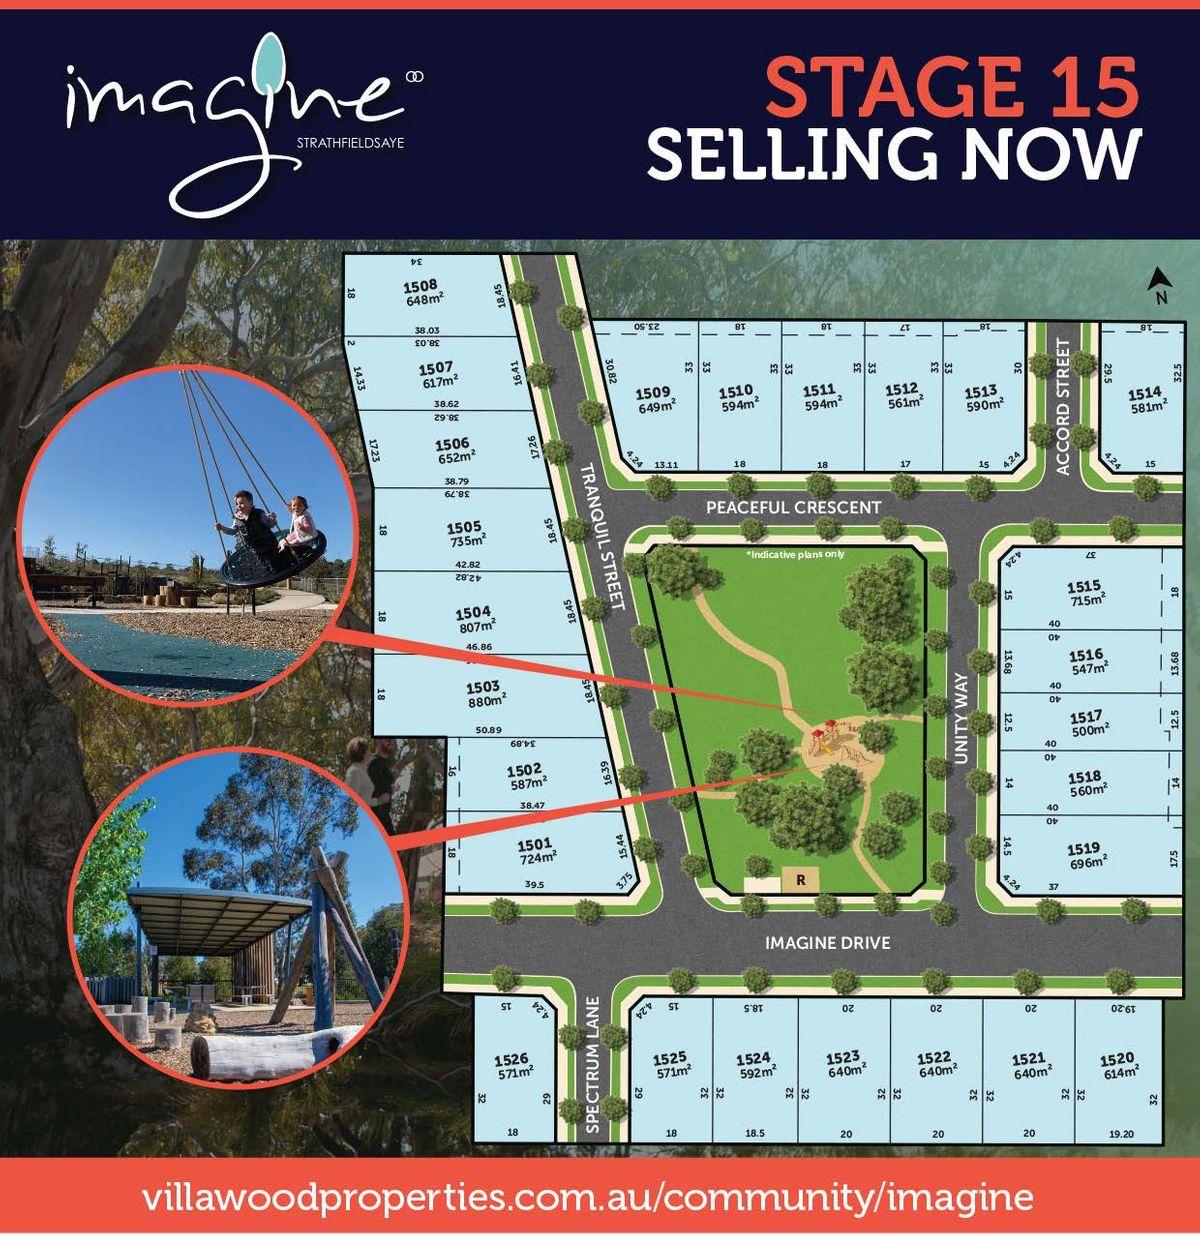 Stage 15 Imagine Estate, Strathfieldsaye, VIC 3551